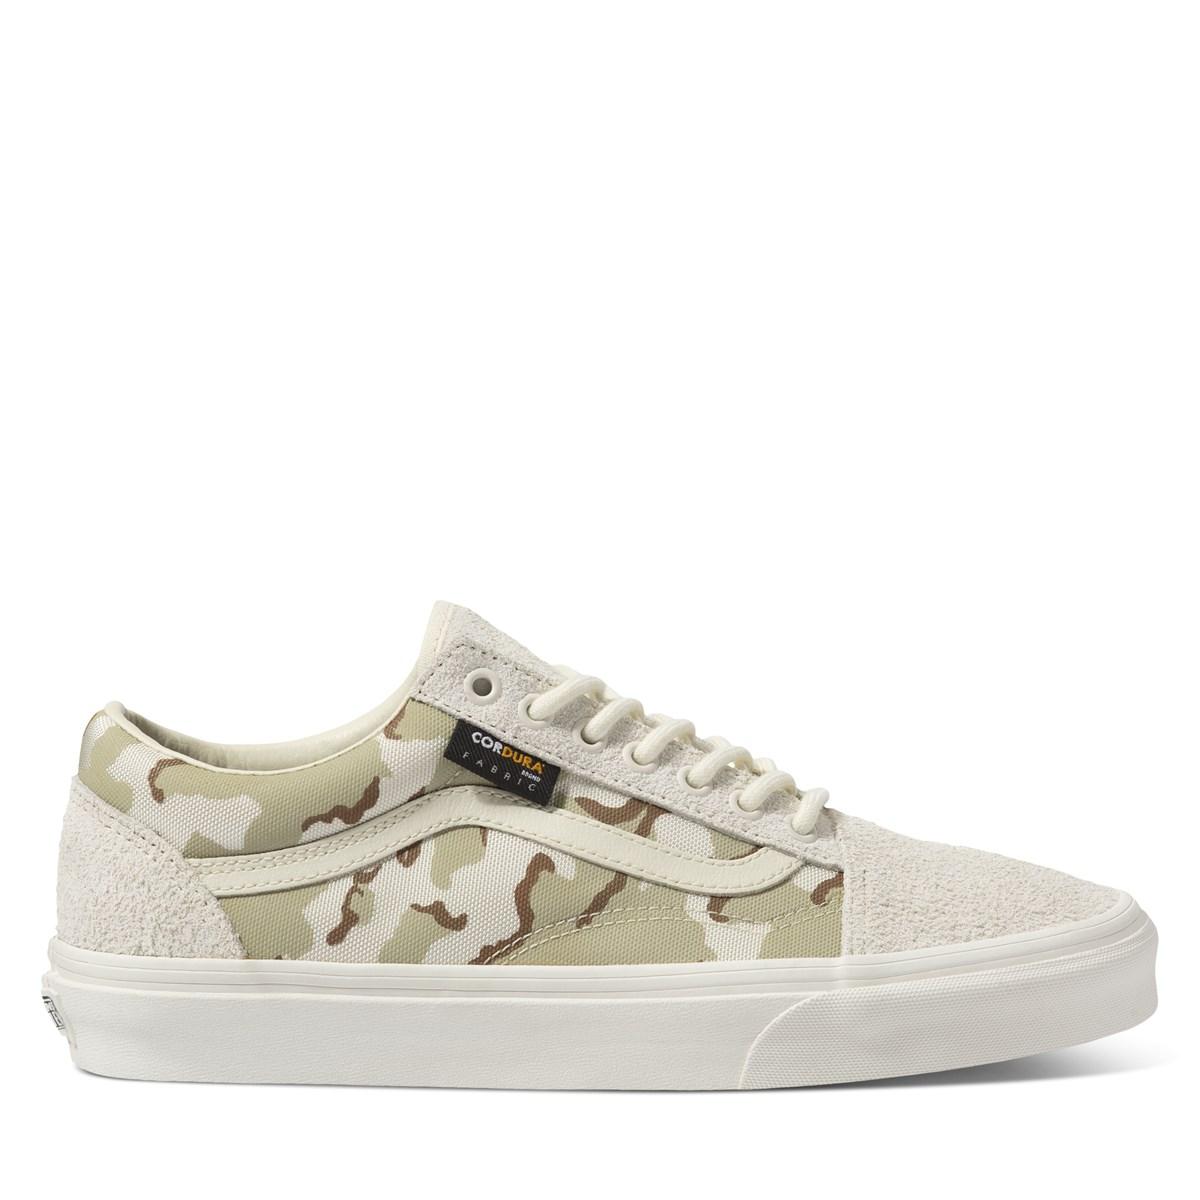 Men's Old Skool Sneakers in Camo